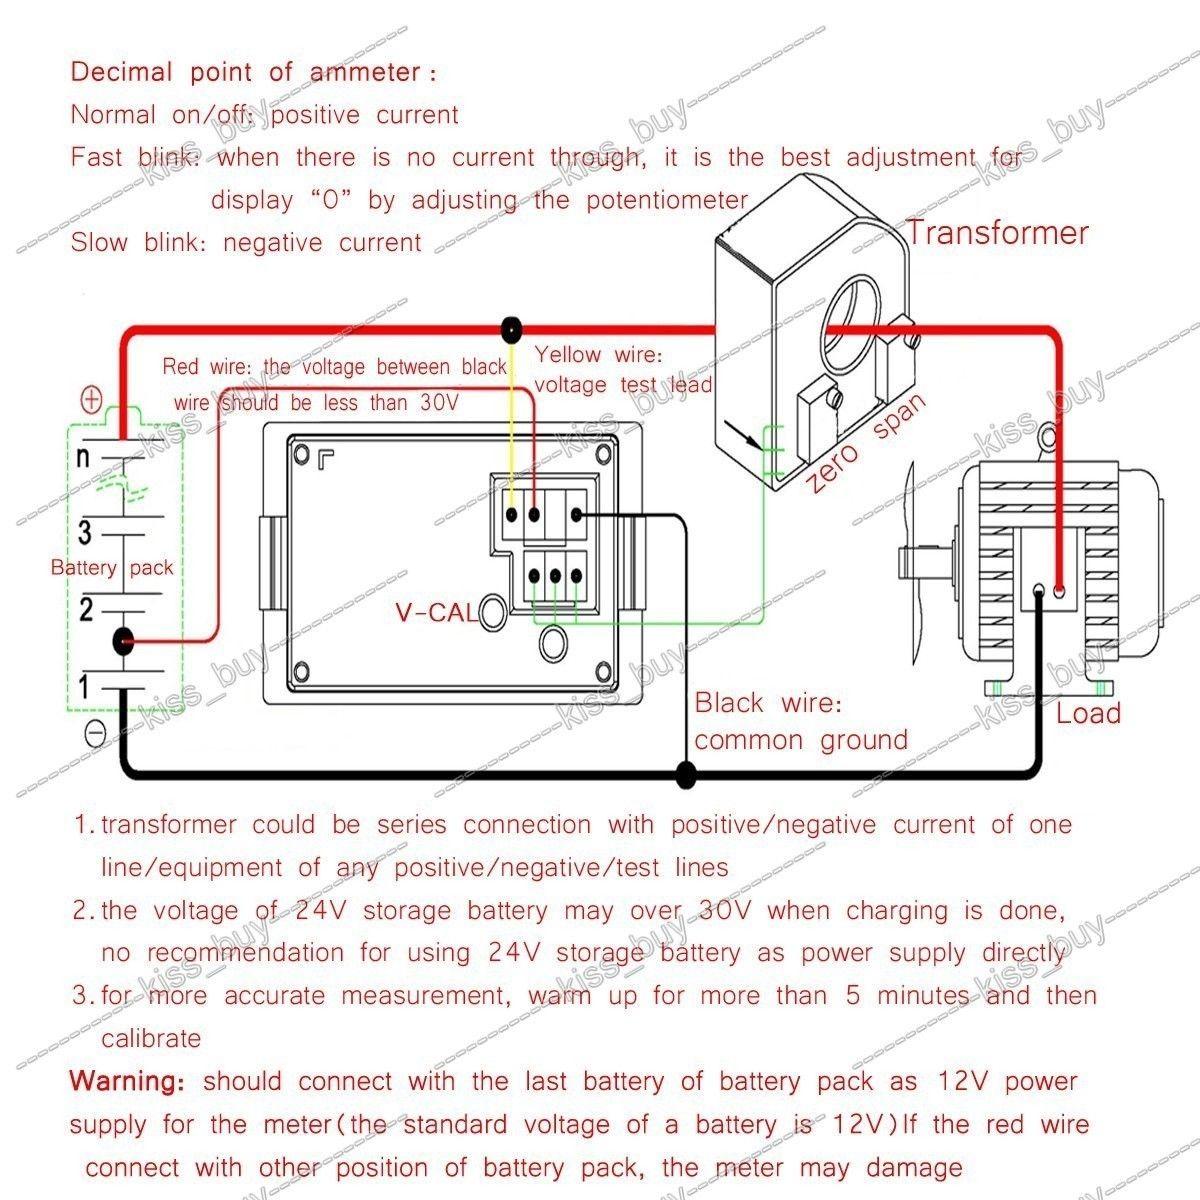 Digital Volt Amp Meter Wiring Diagram | Manual E-Books - Digital Volt Amp Meter Wiring Diagram